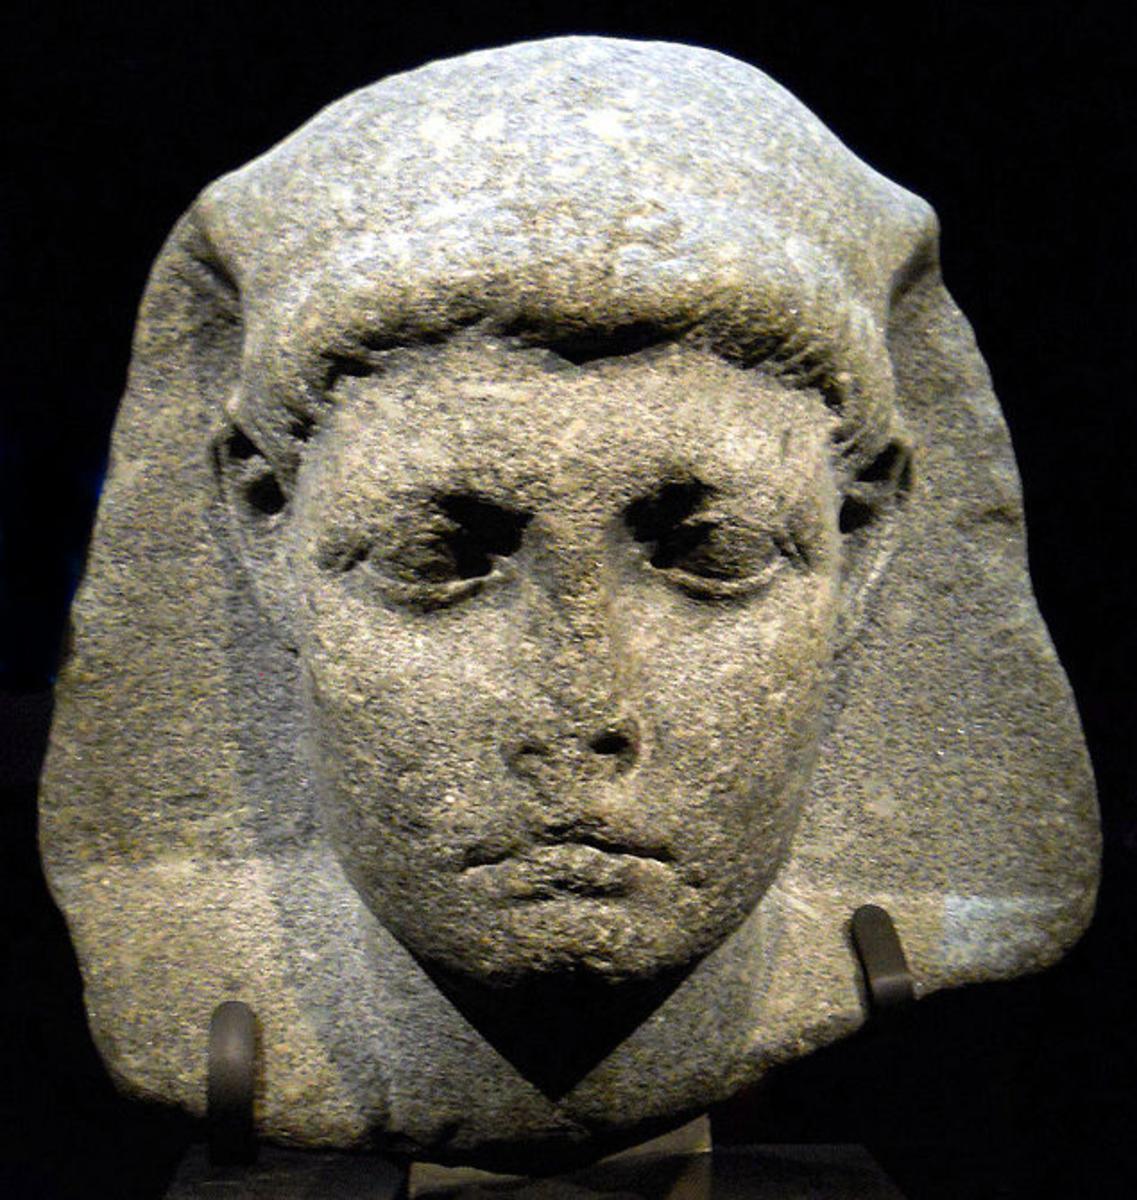 Ptolemy XV Caesar (Caesarion)